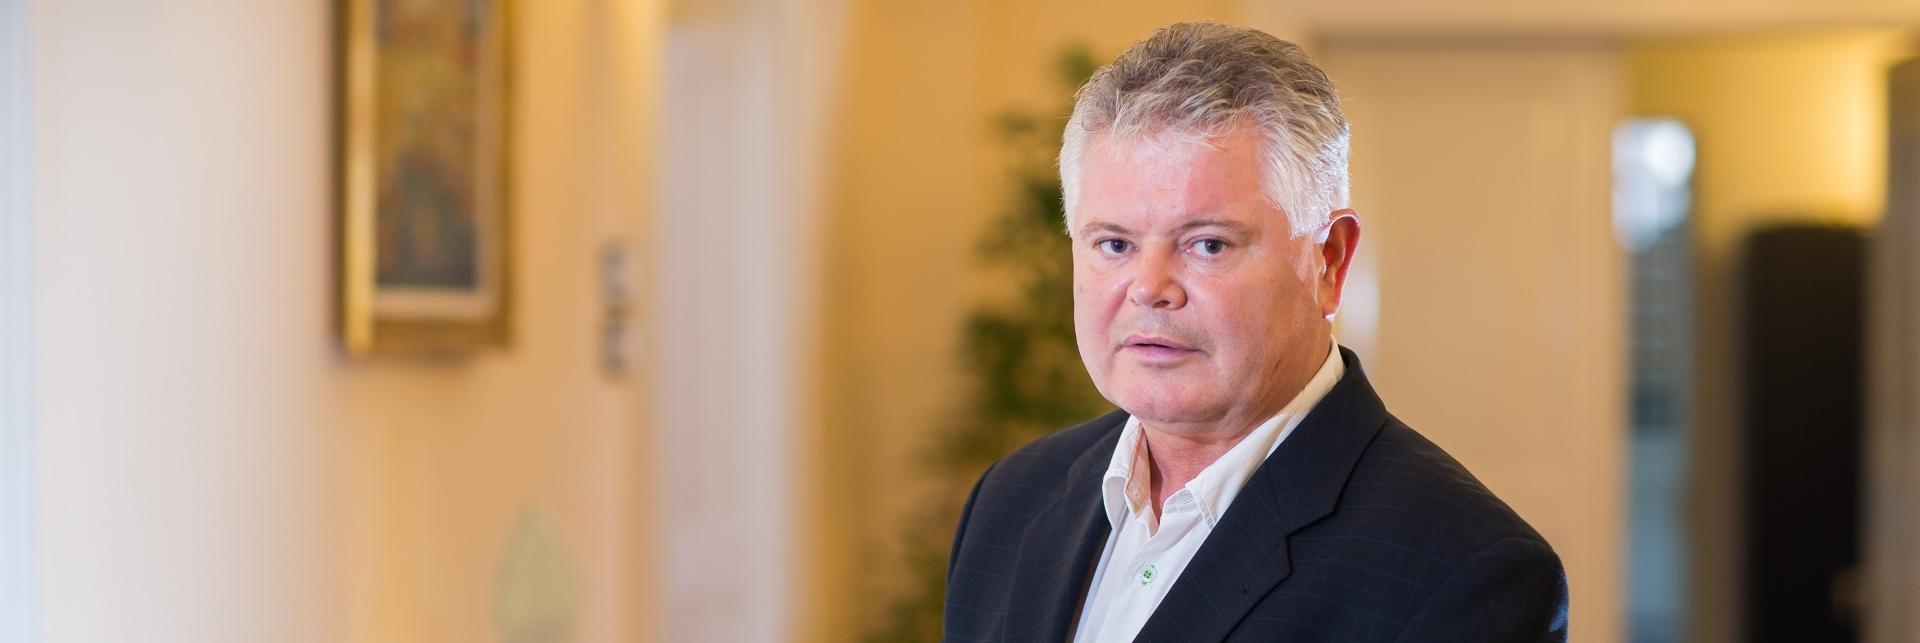 ANDRO VLAHUŠIĆ: Uskoro potpisujemo novi ugovor za Revelin, vrijedan 20 milijuna kuna